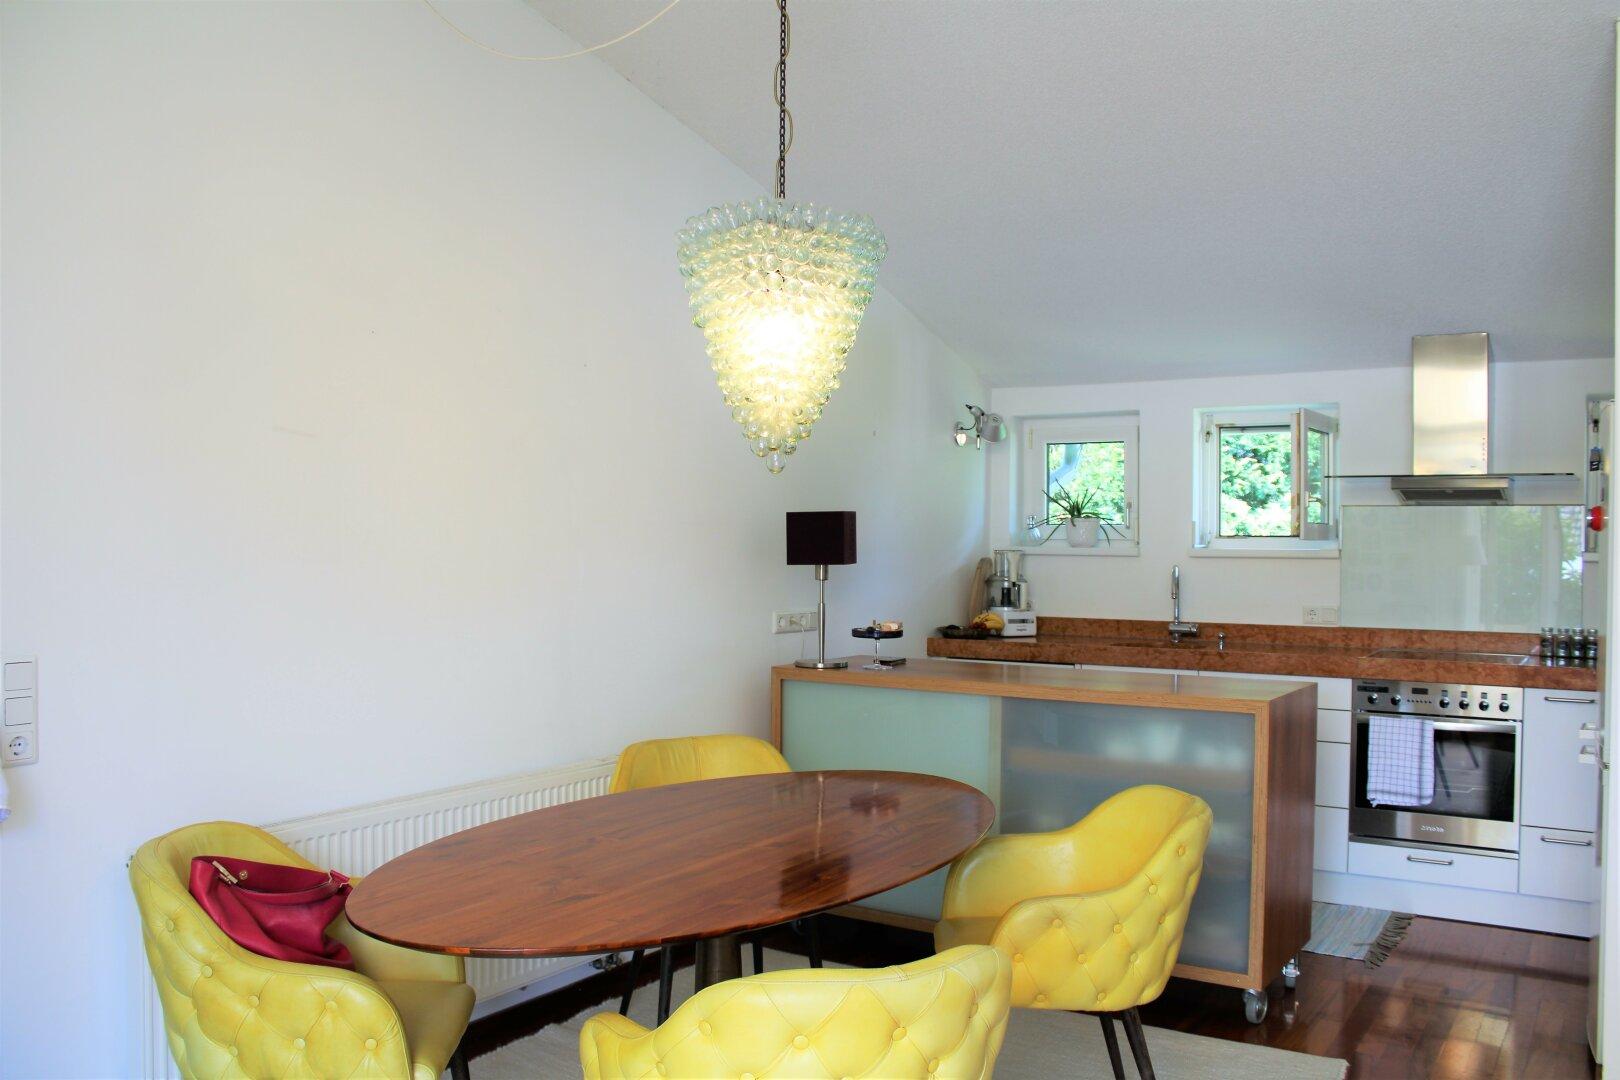 hochwertige Küche mit Marmorplatte